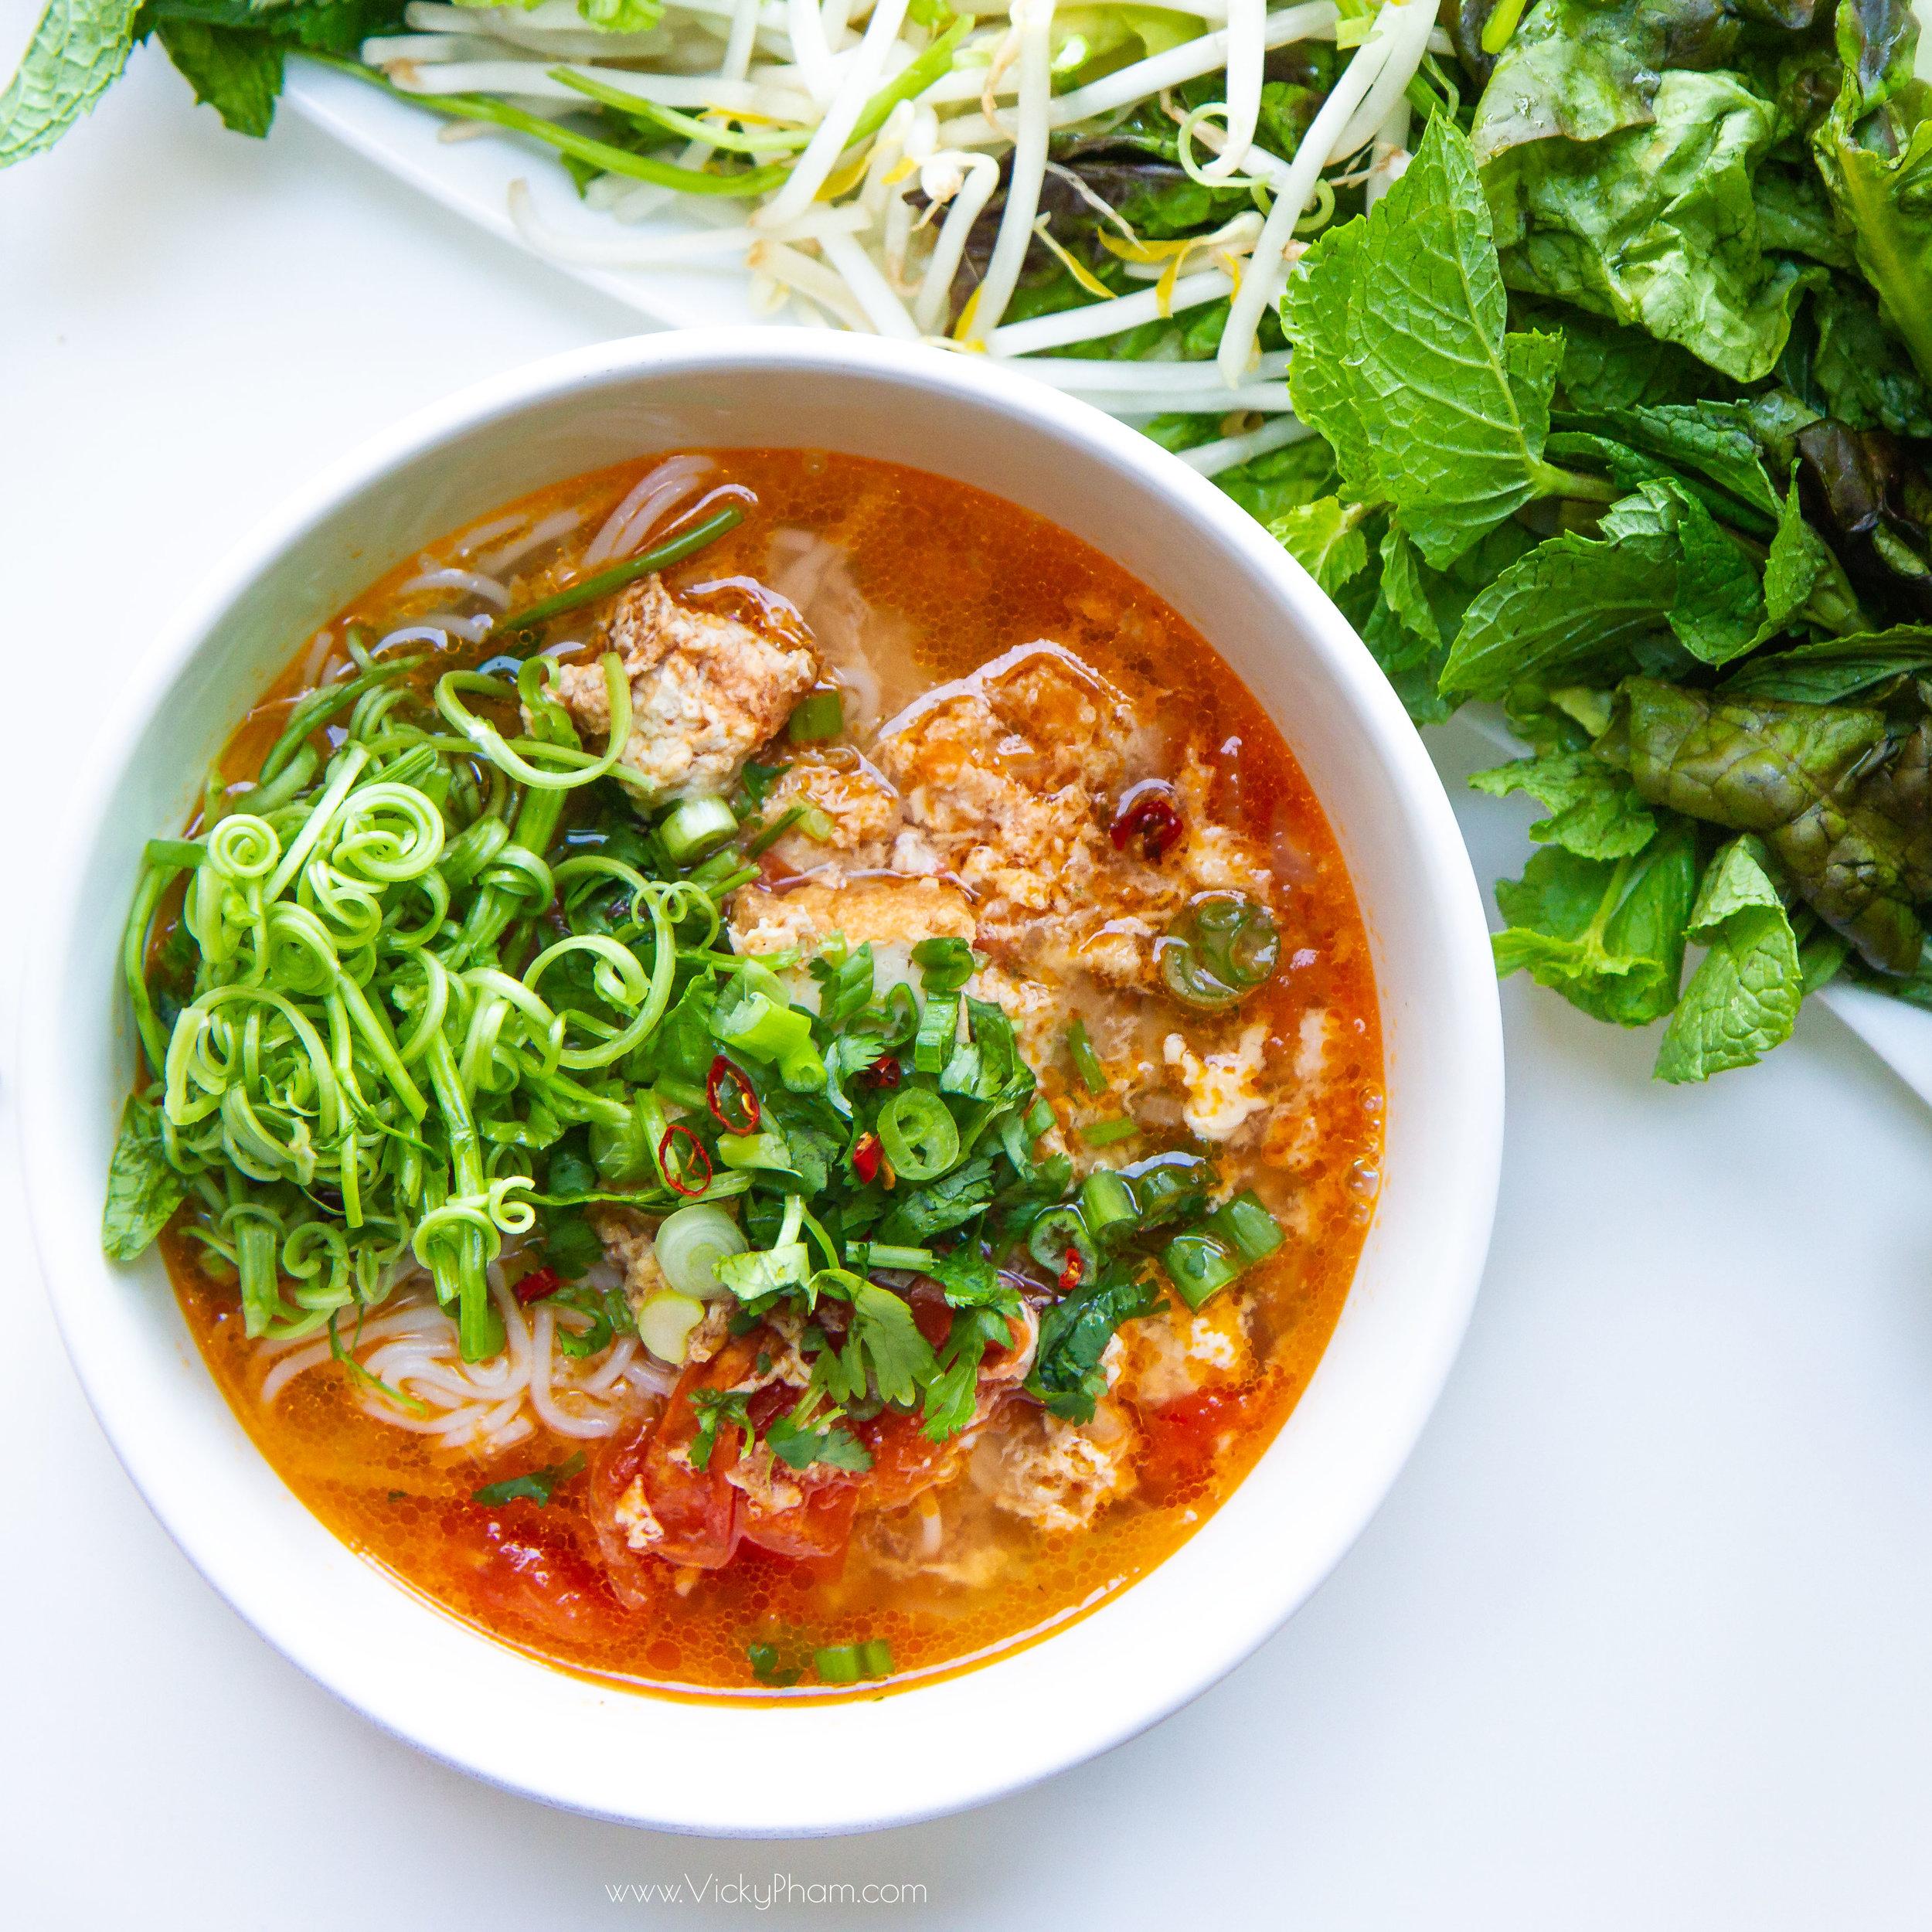 Vietnamese Pork & Crab Noodle Soup (Bun Rieu)